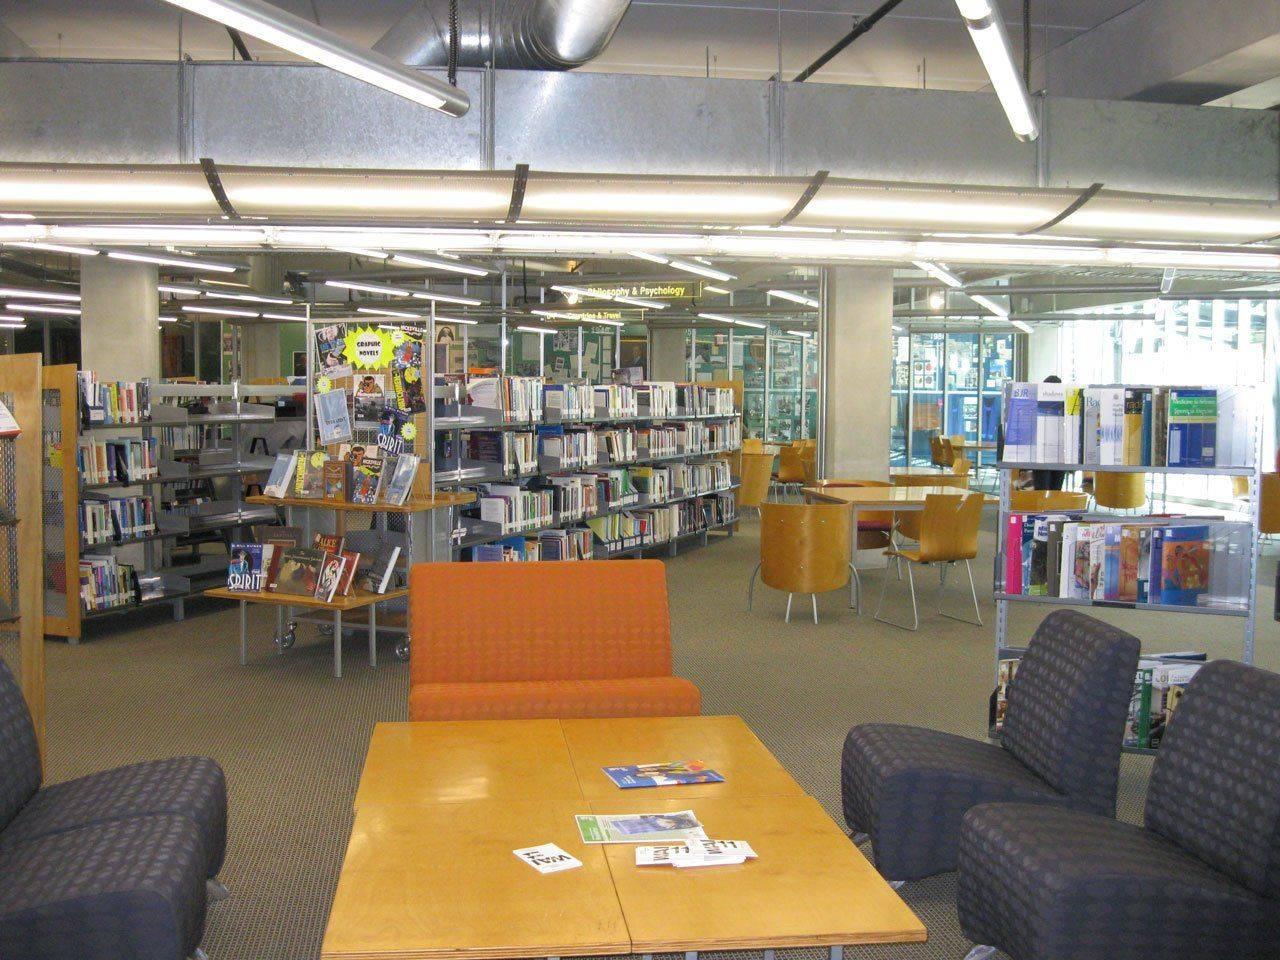 Hình ảnh đại học Christchurch Cpit